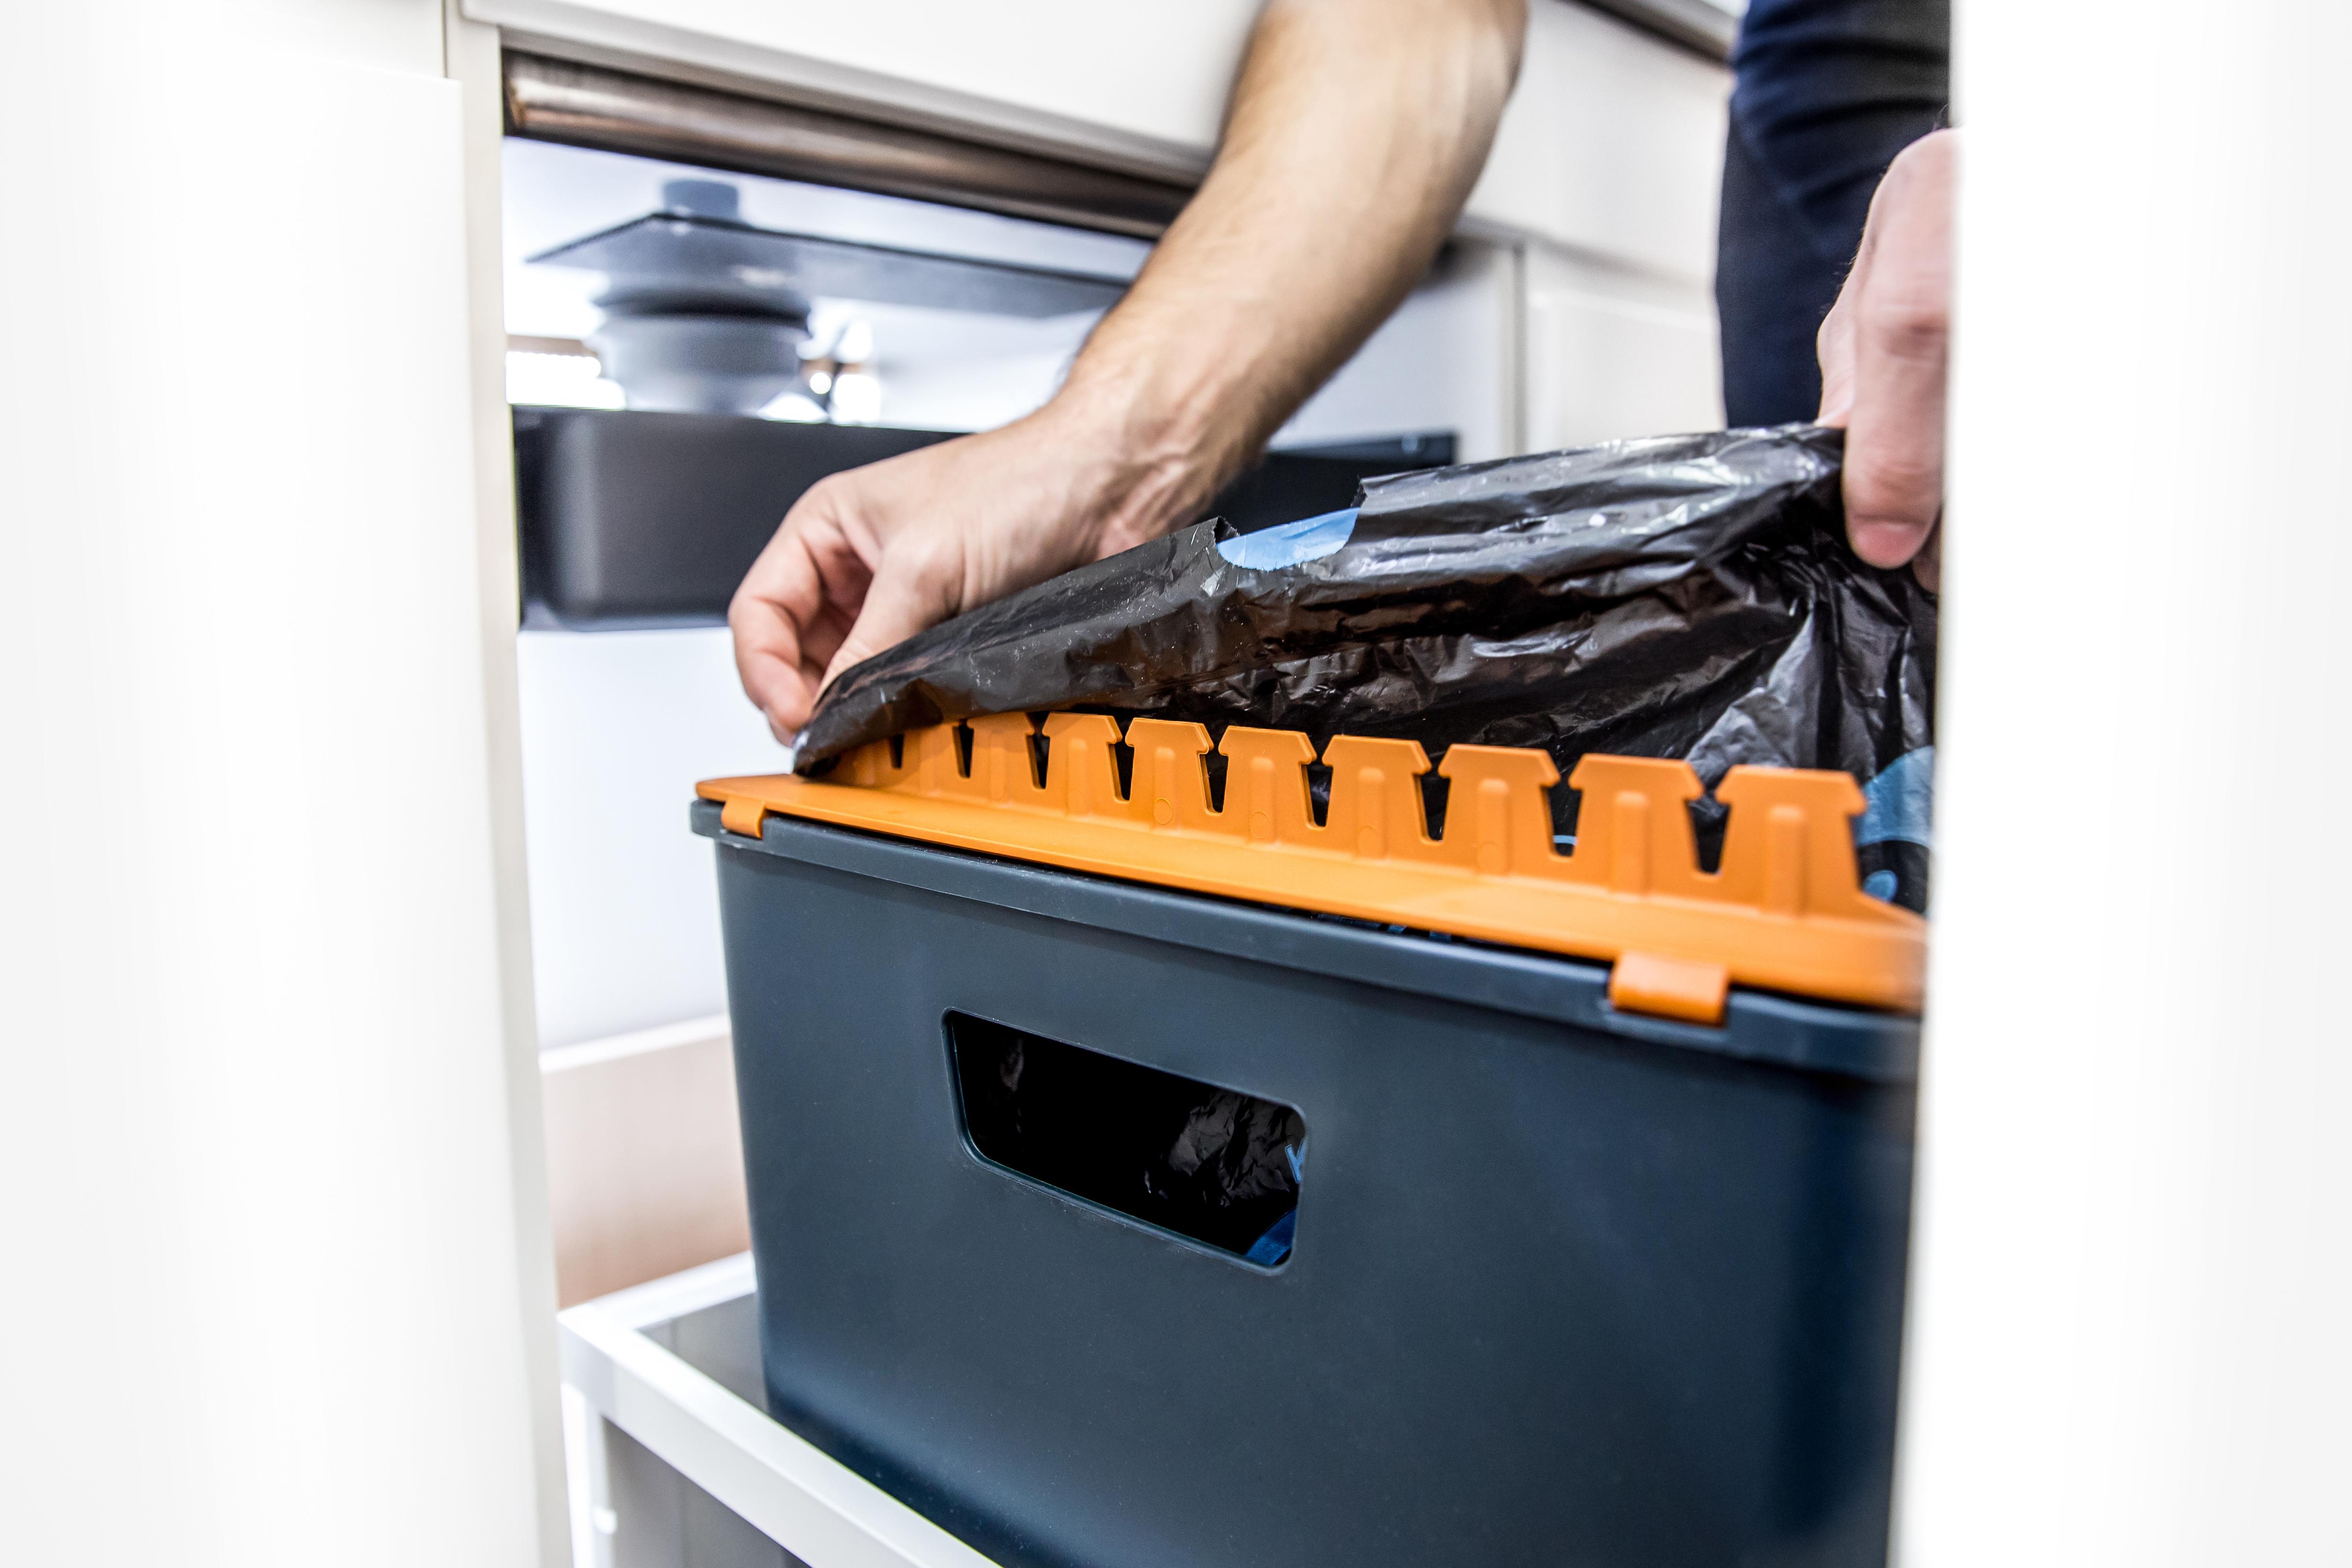 Einfaches Einspannen für clevere Abfallsysteme für die Küche.